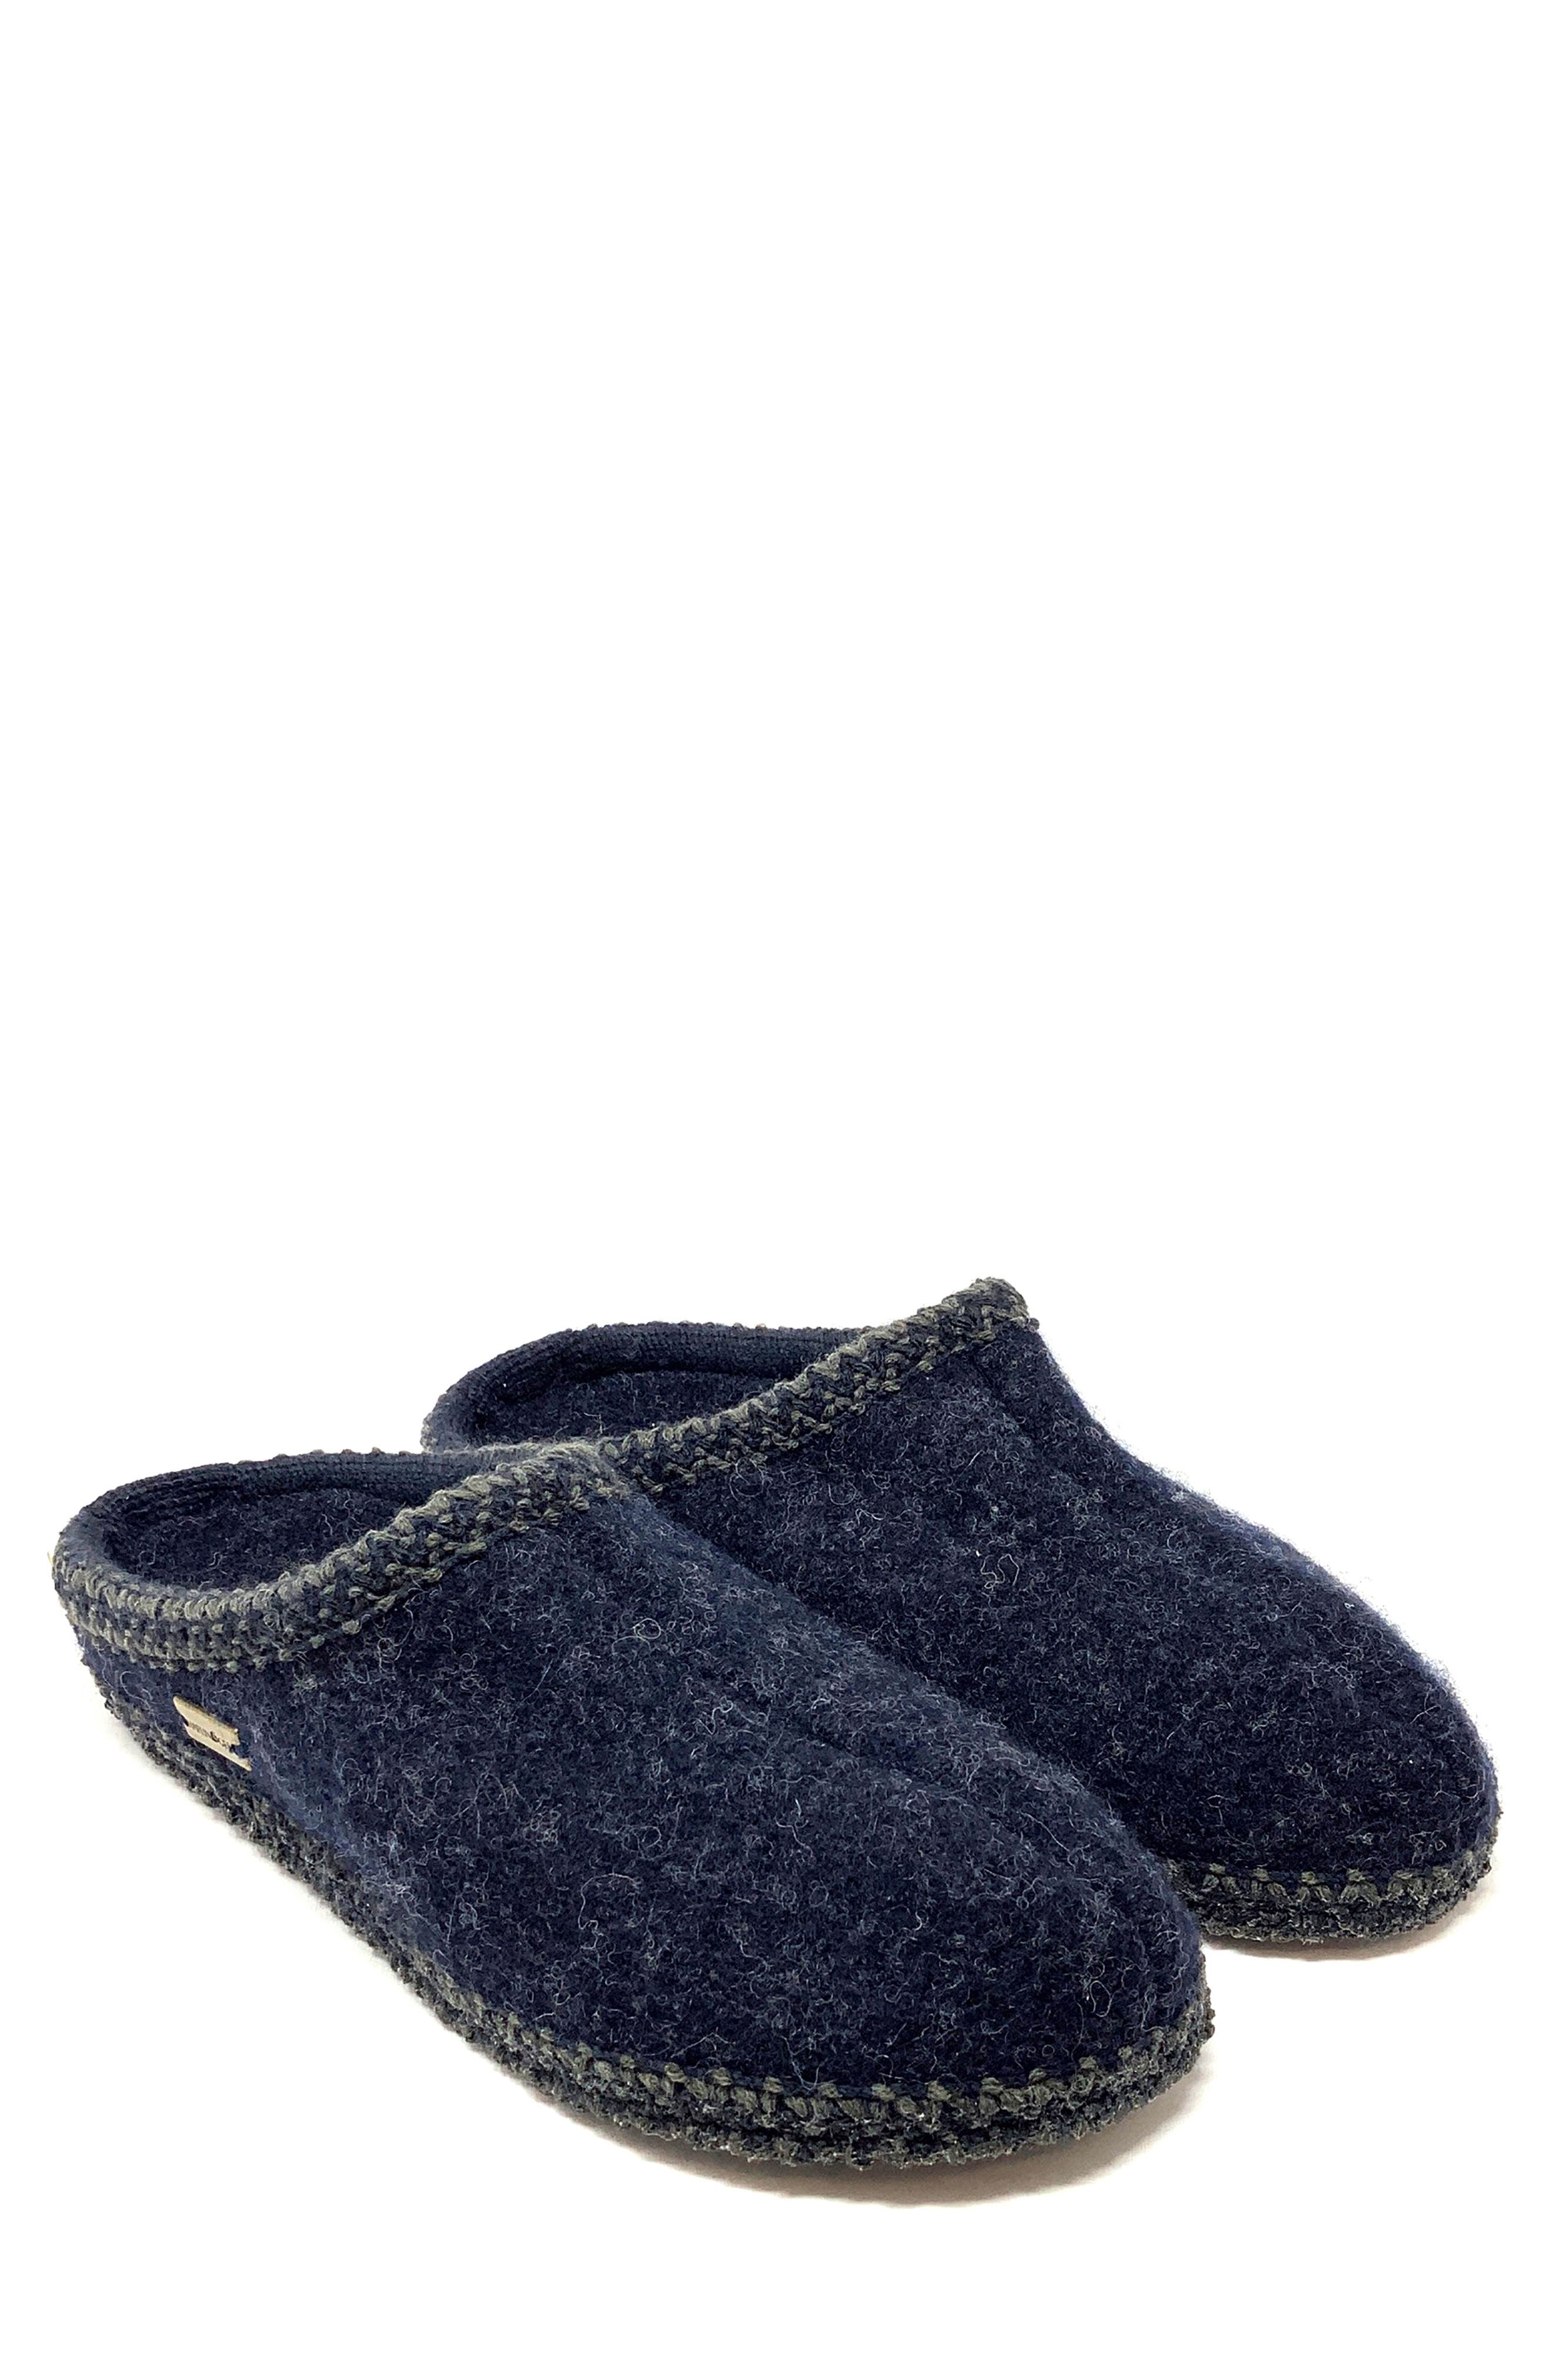 As Wool Slipper